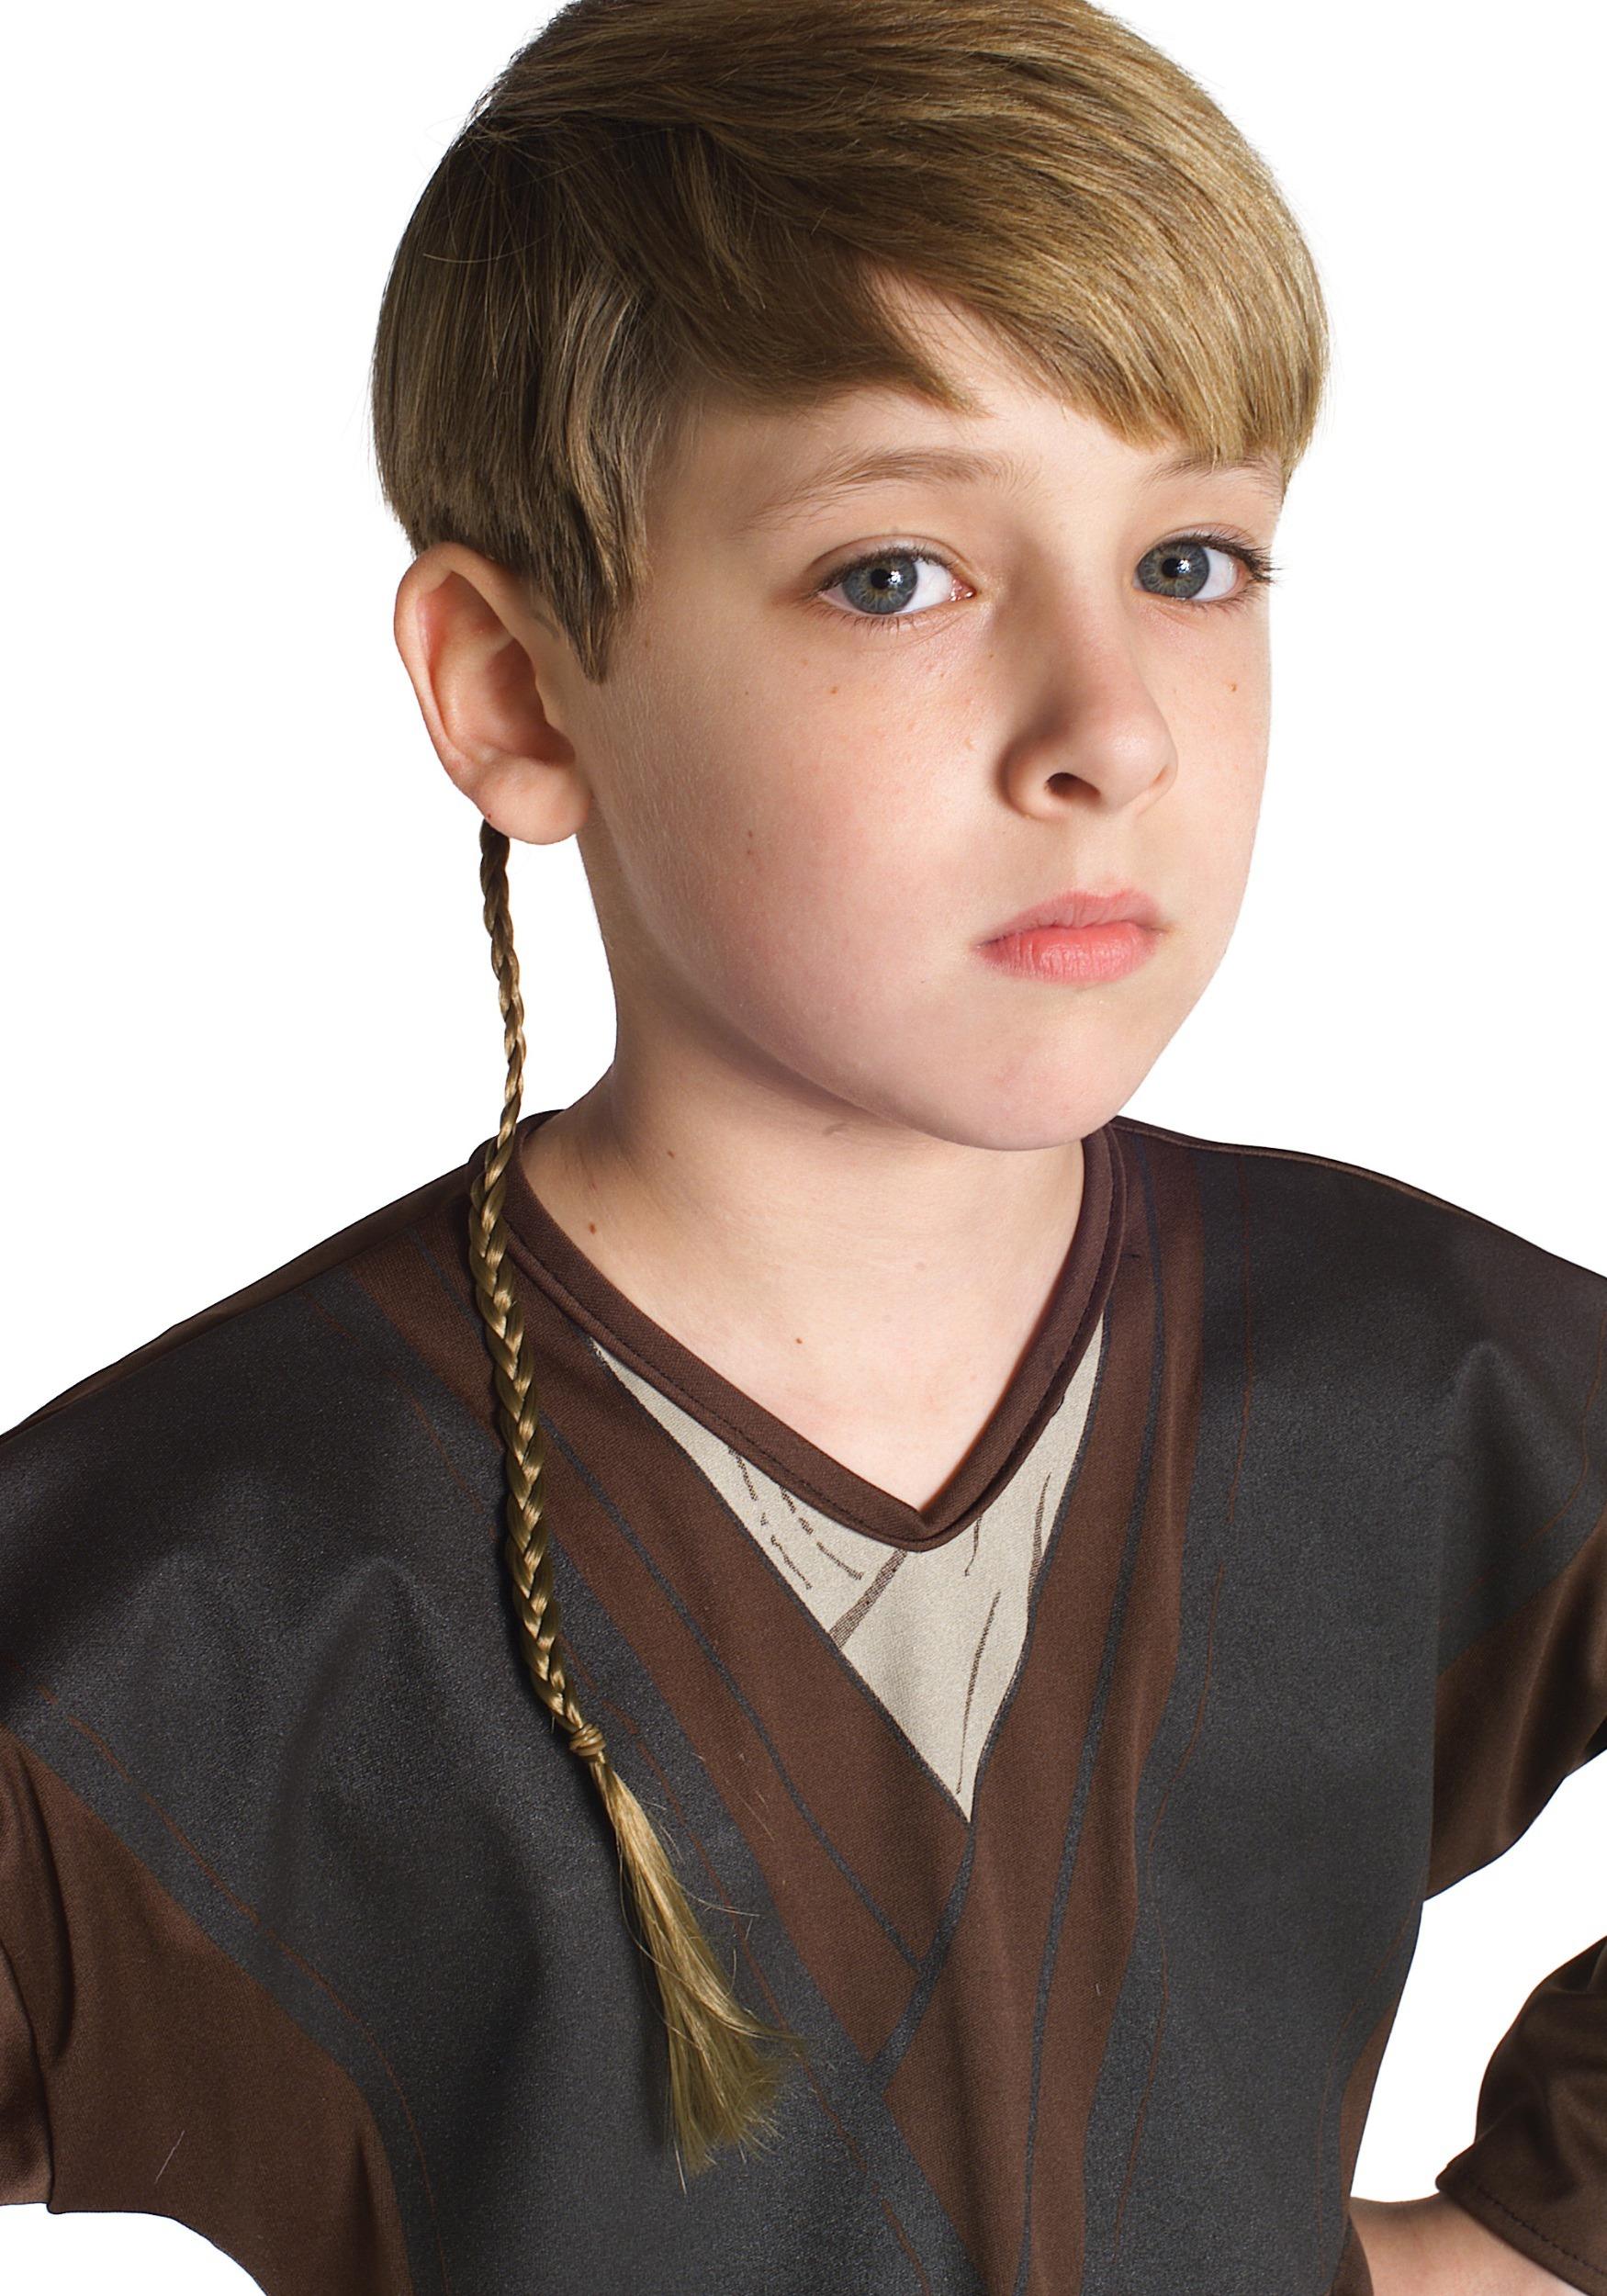 Star Wars Episode 2 Anakin Skywalker Jedi Braid RU5059